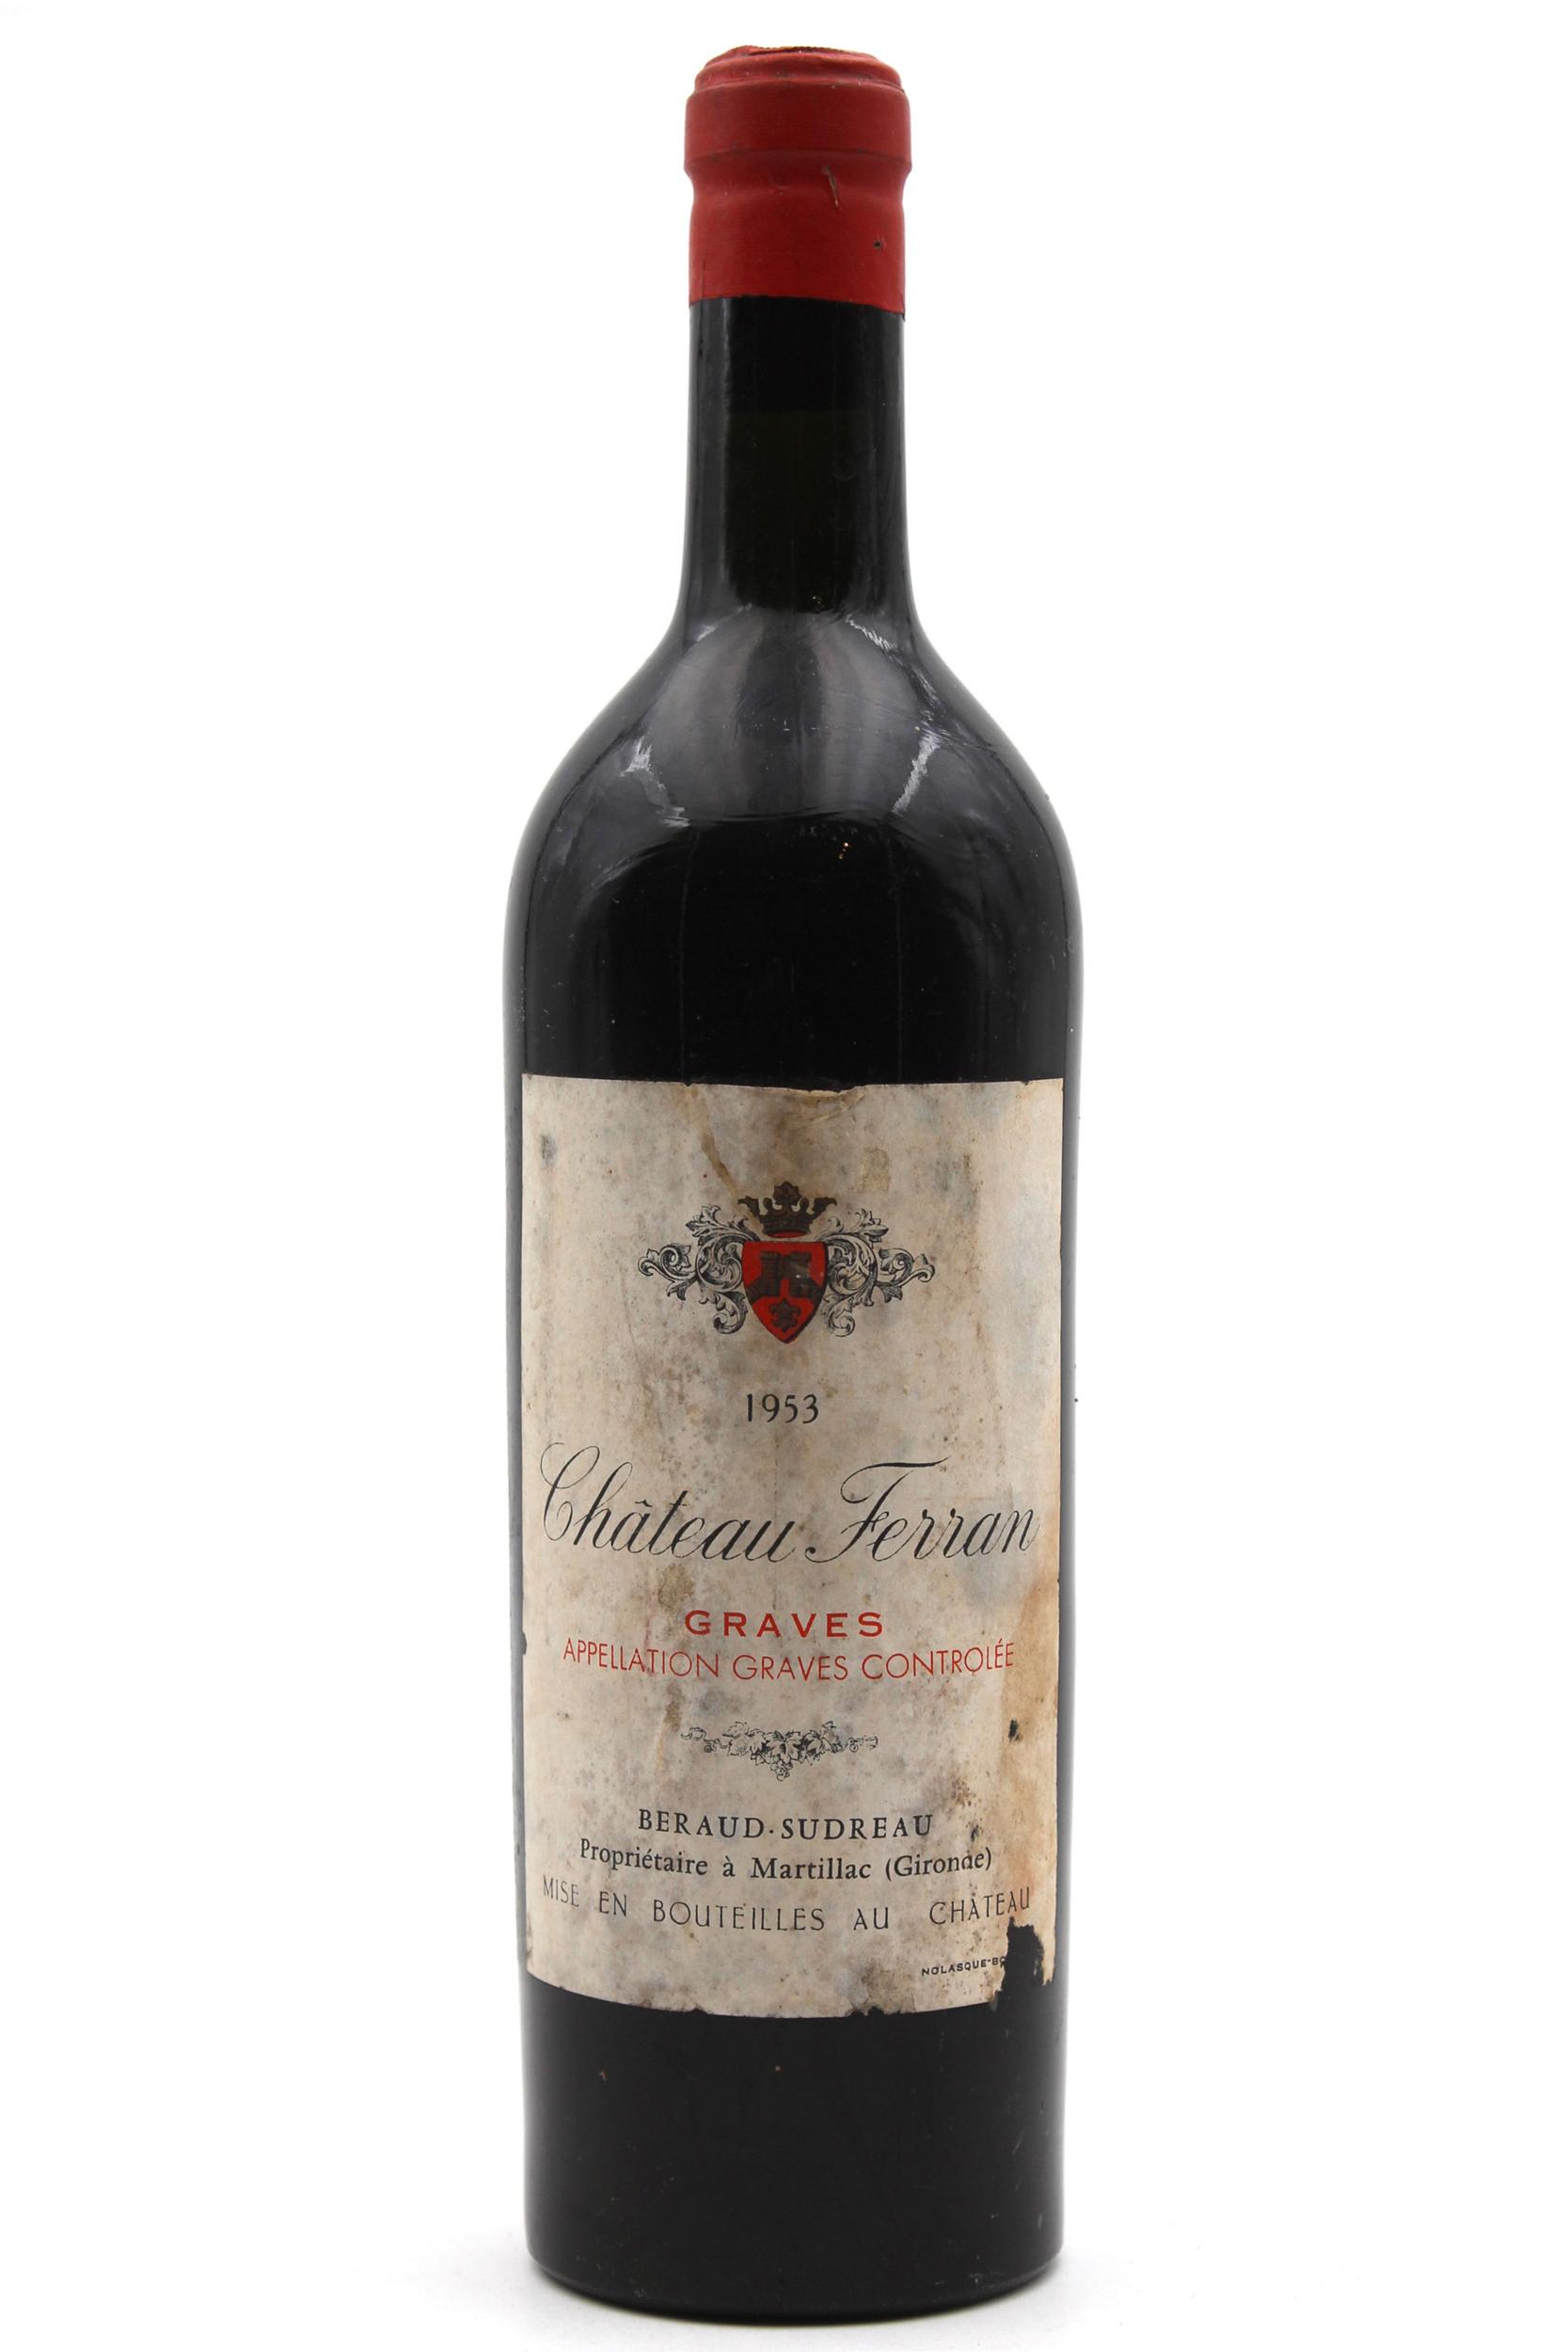 Château Ferran 1953 Vin Rouge 75cl AOC Graves